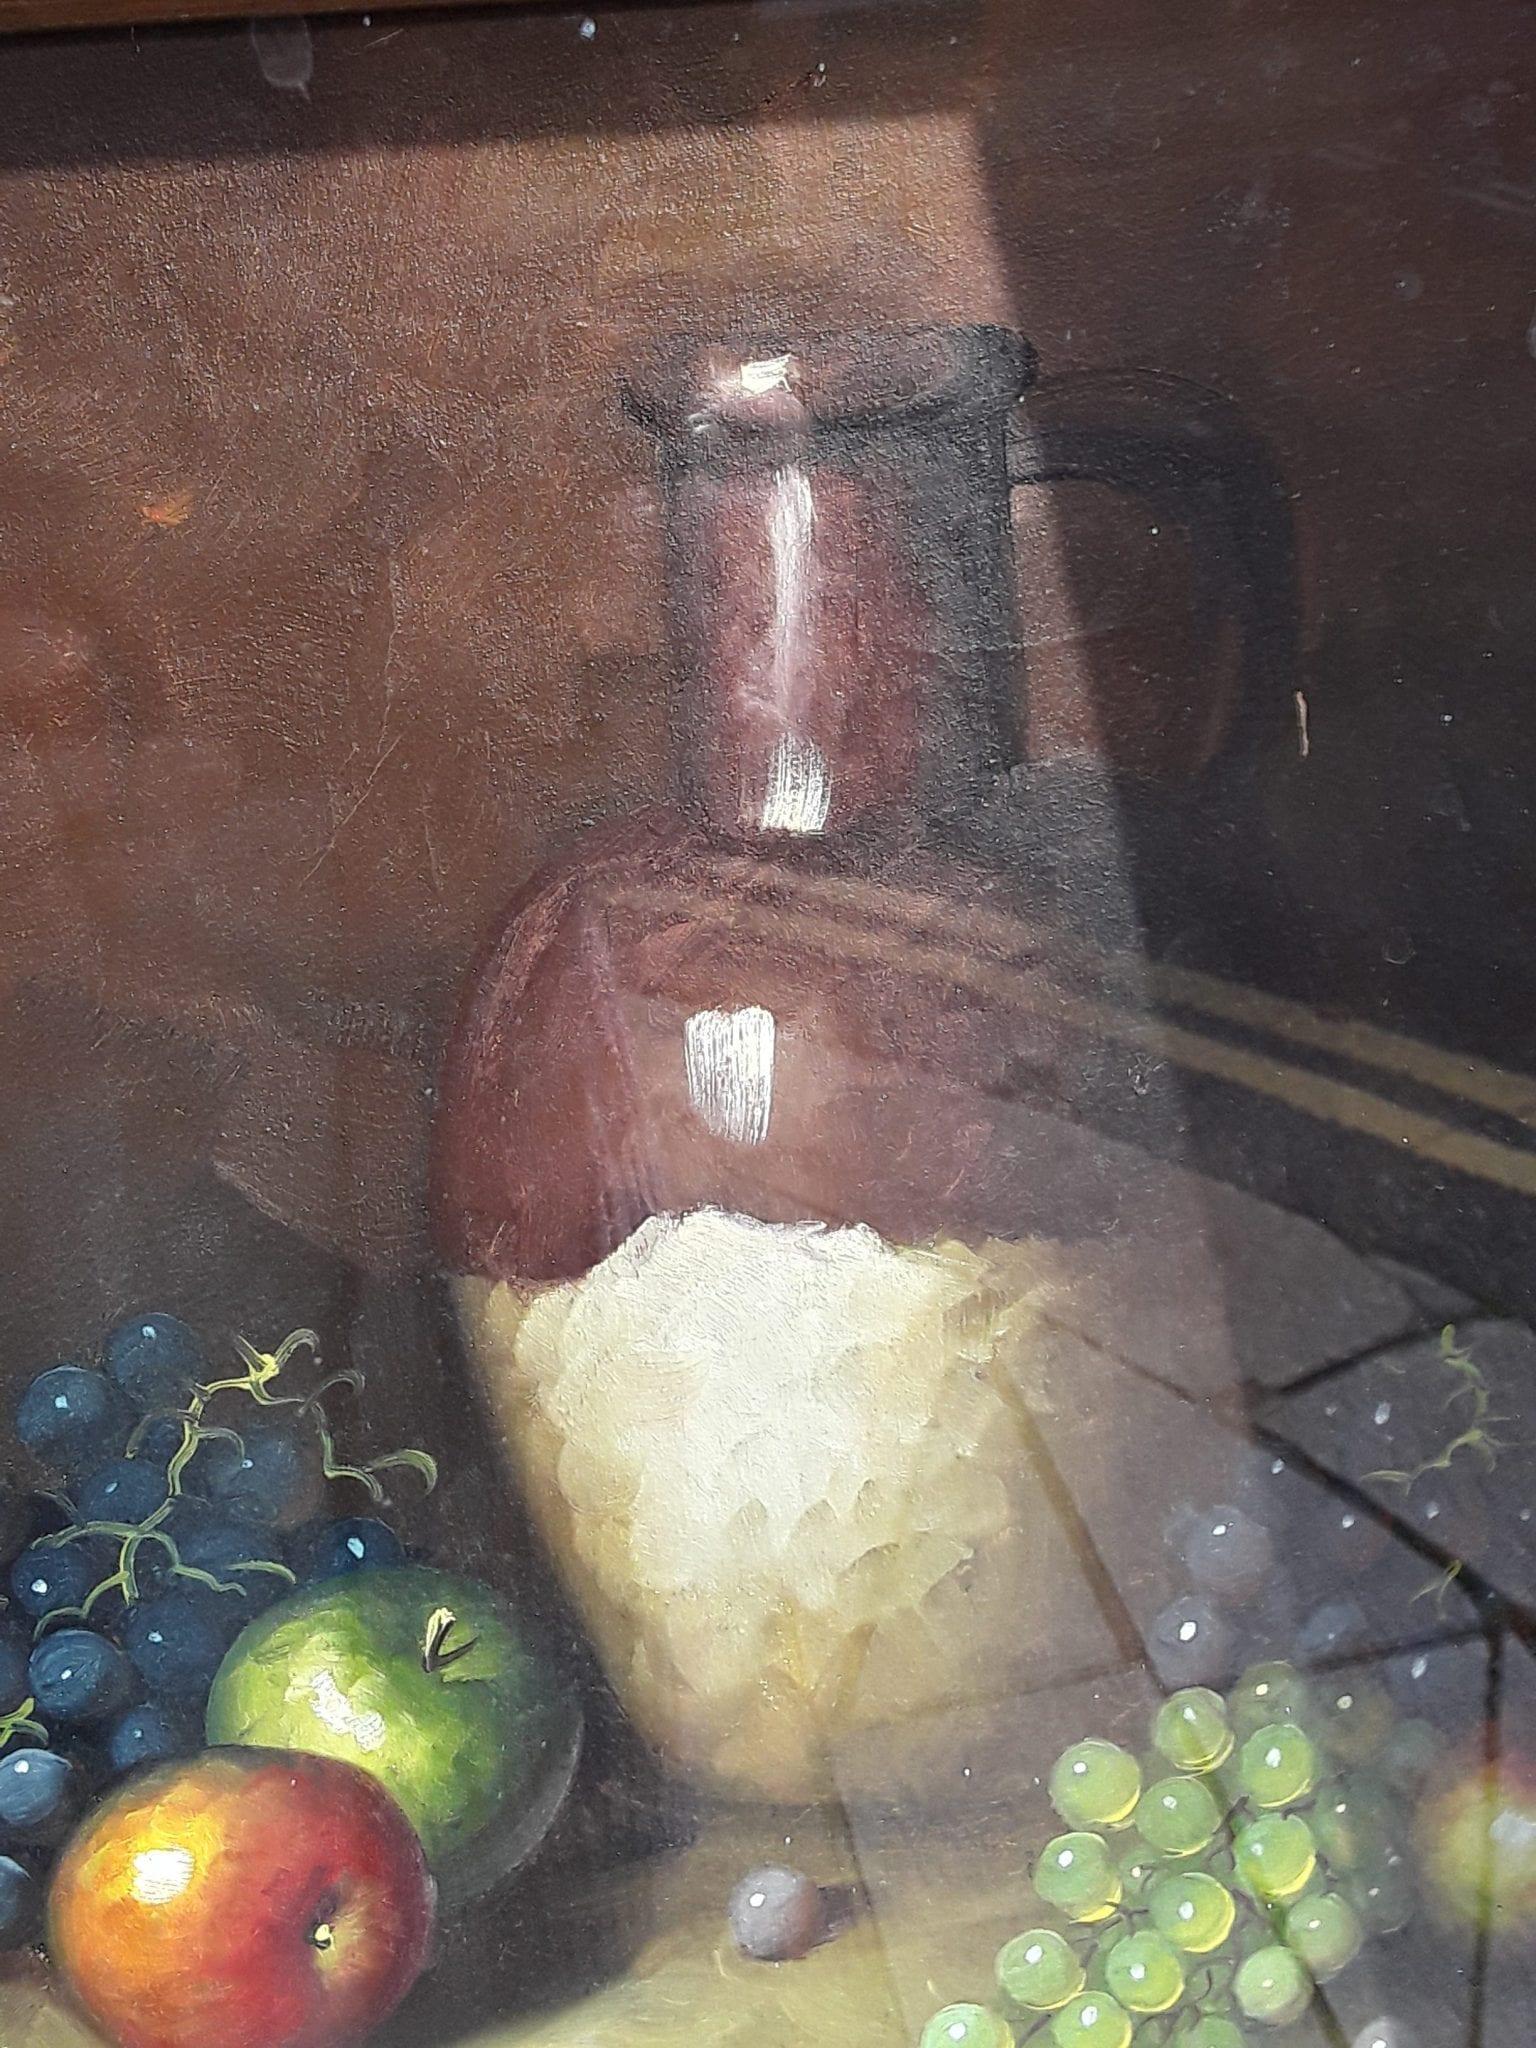 Still life featuring apples